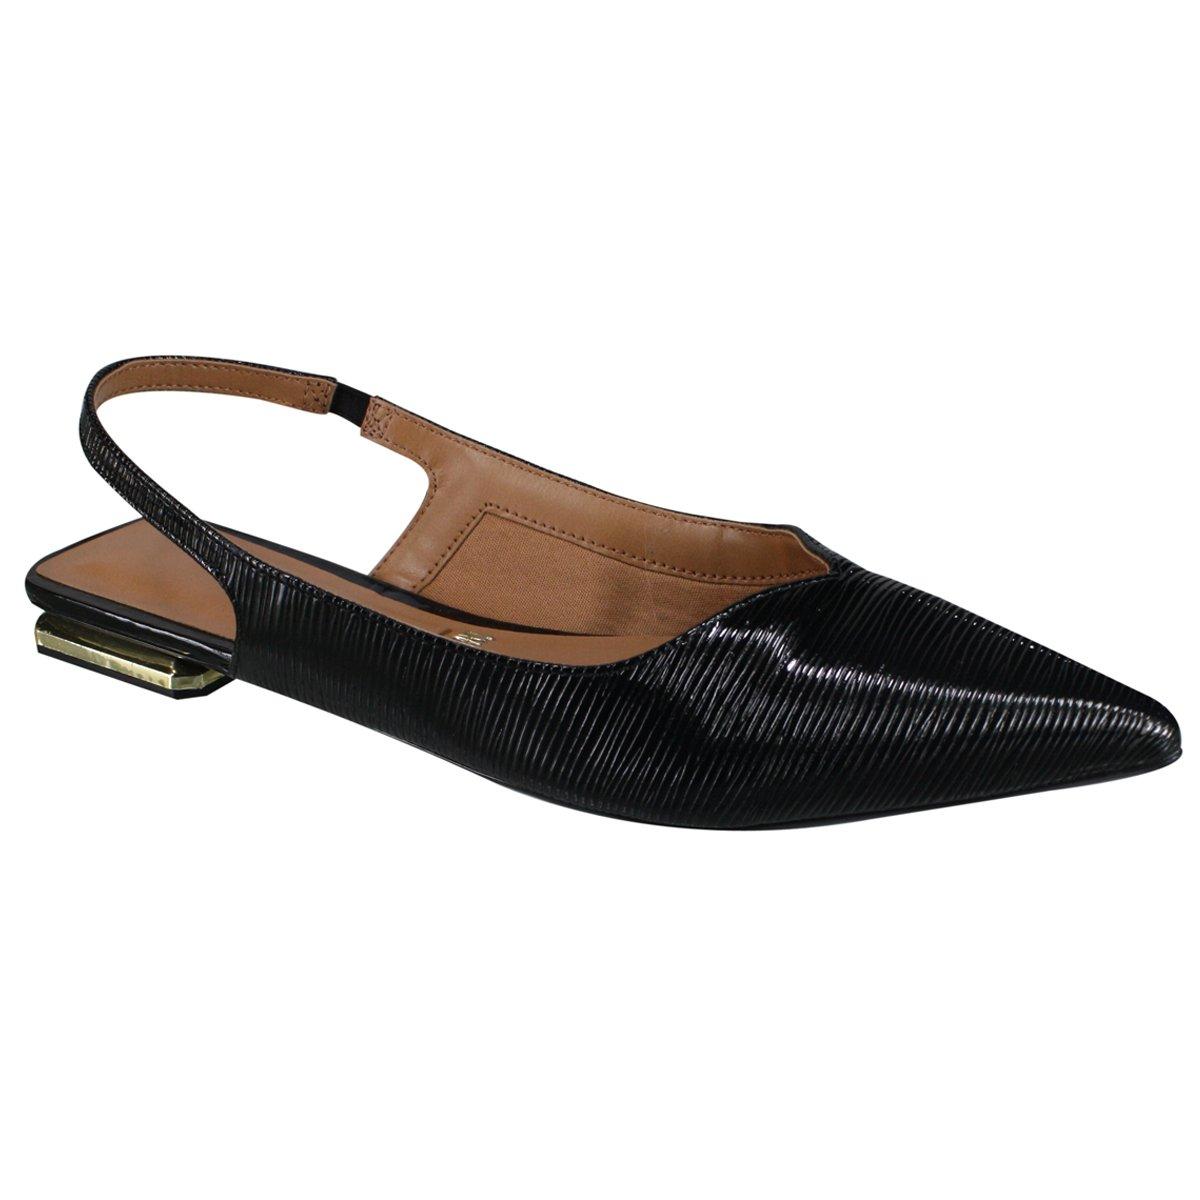 683b65365f Passe o mouse para ver detalhes. Amplie a imagem. Sapato Feminino Chanel  Vizzano ...